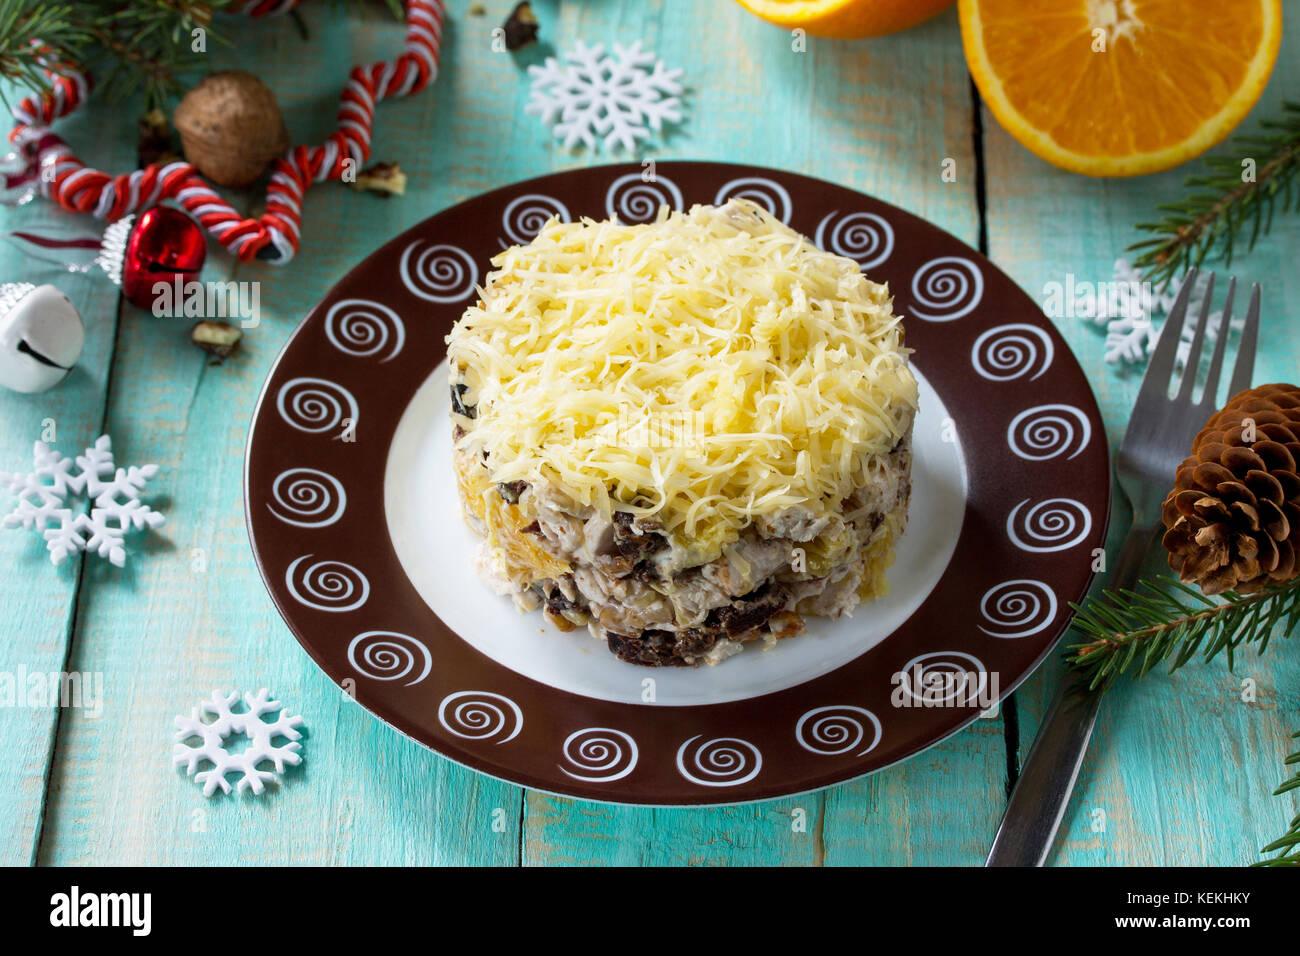 Hausgemachte Vorspeisen auf eine festliche Weihnachten Tabelle. Salat mit Hühnchen, Orangen, Pflaumen, Käse Stockbild